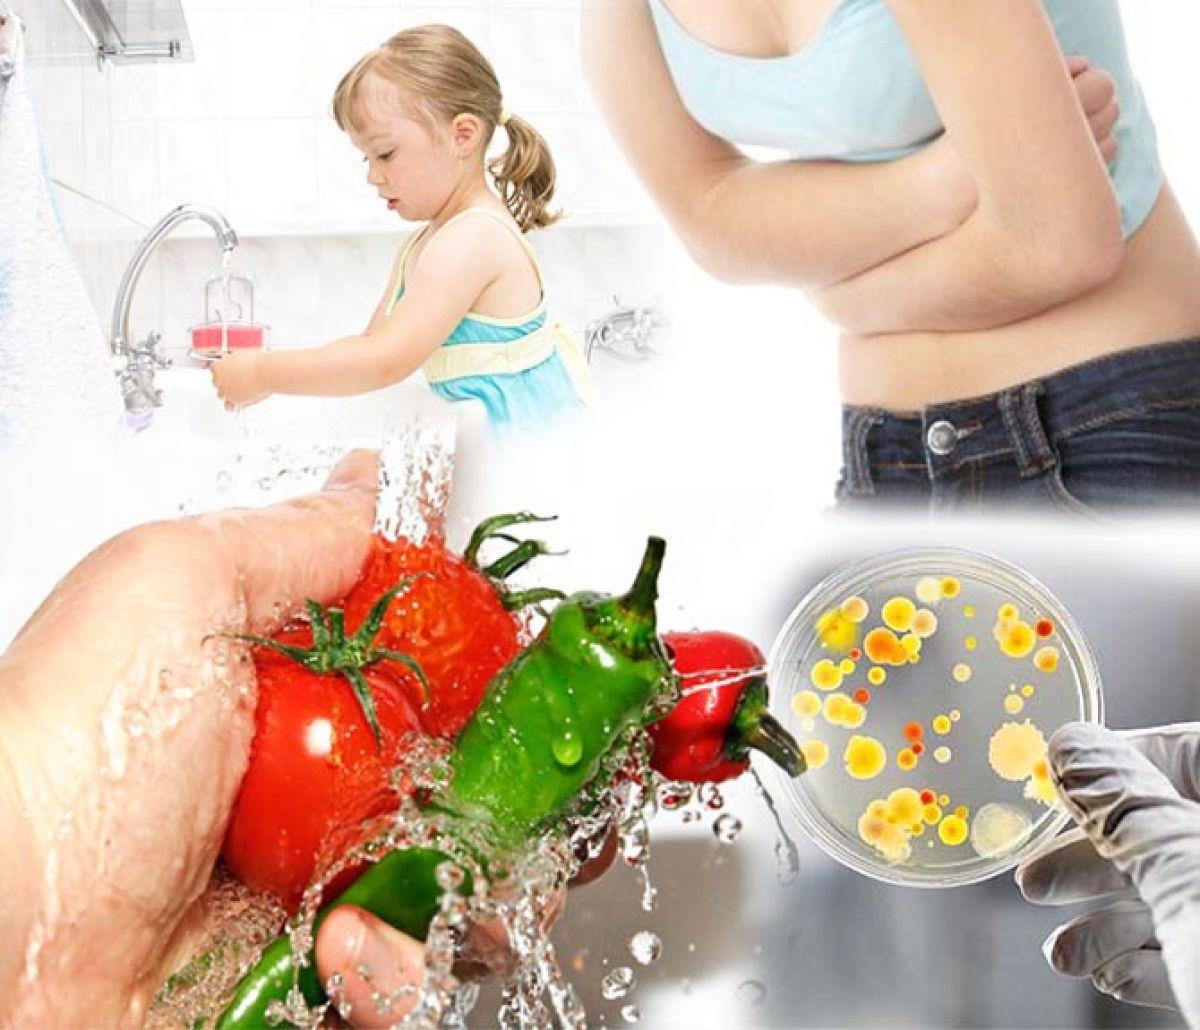 Дисбактериоз у детей. причины, симптомы, лечение и профилактика дисбактериоза | здоровье детей